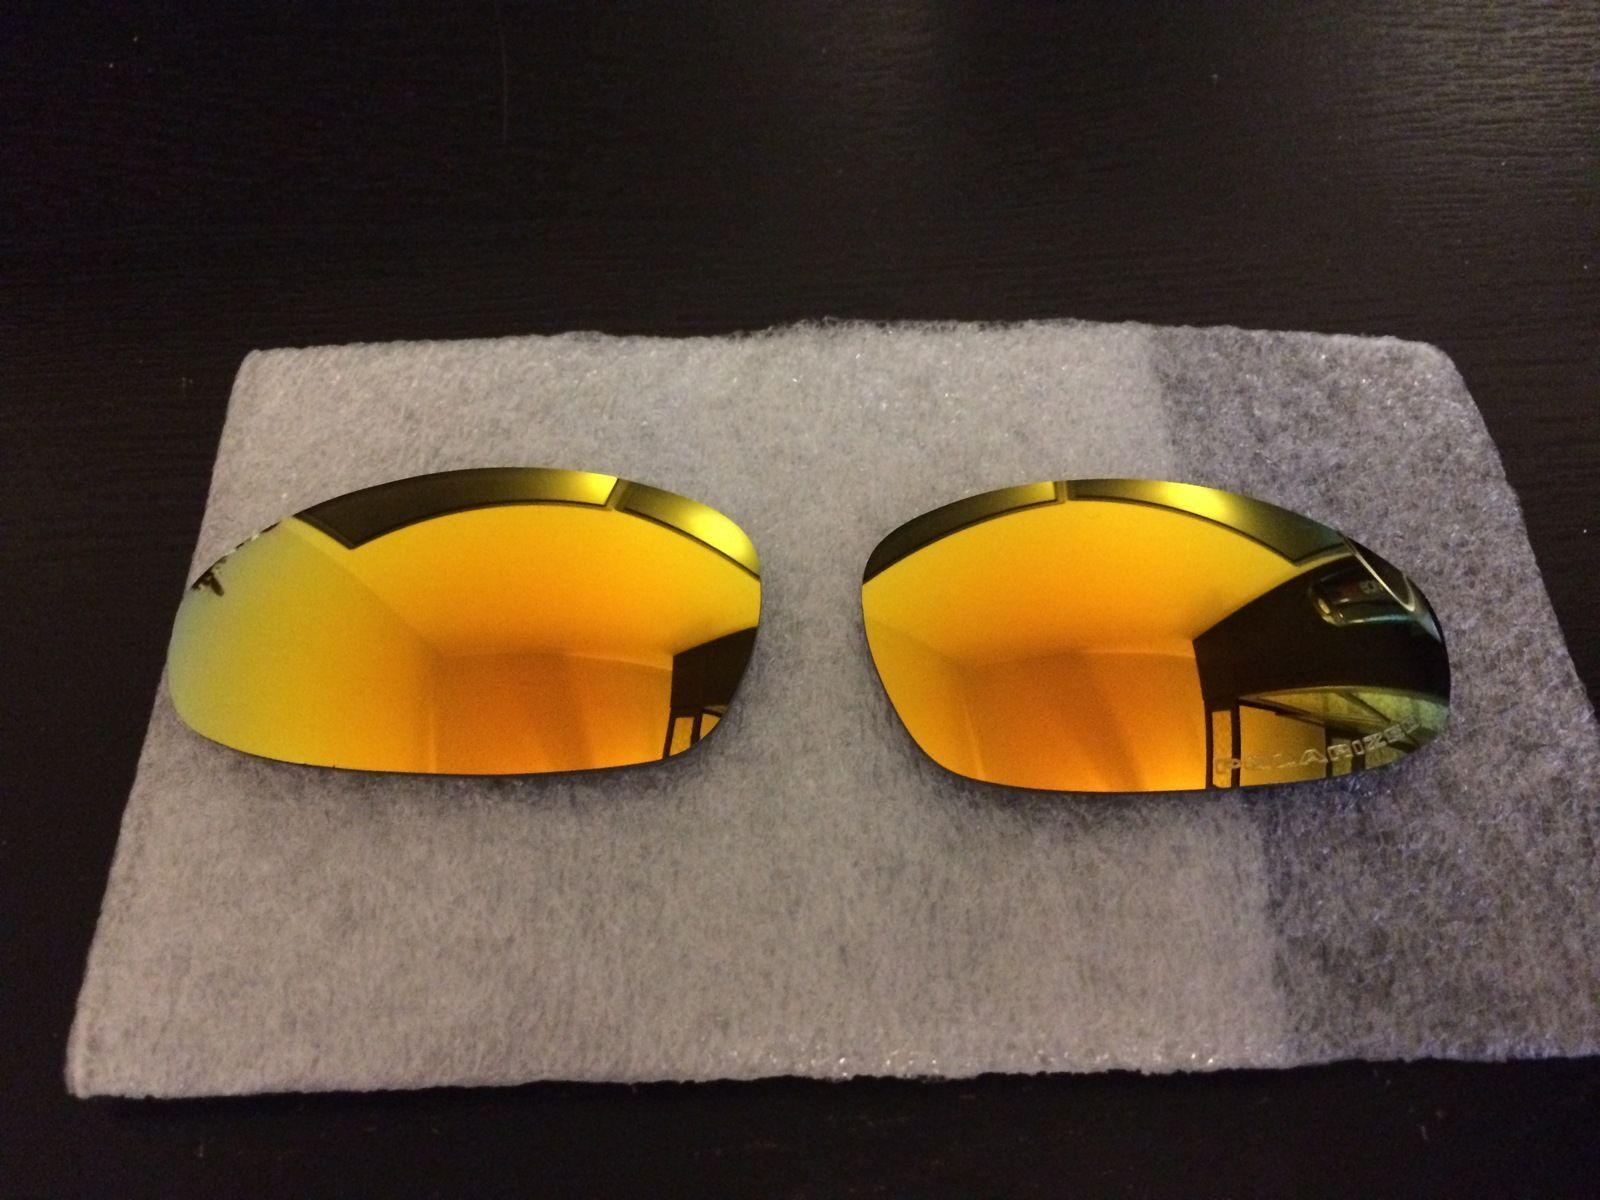 Juliet Fire Polarized Lenses (New) - lenses.JPG